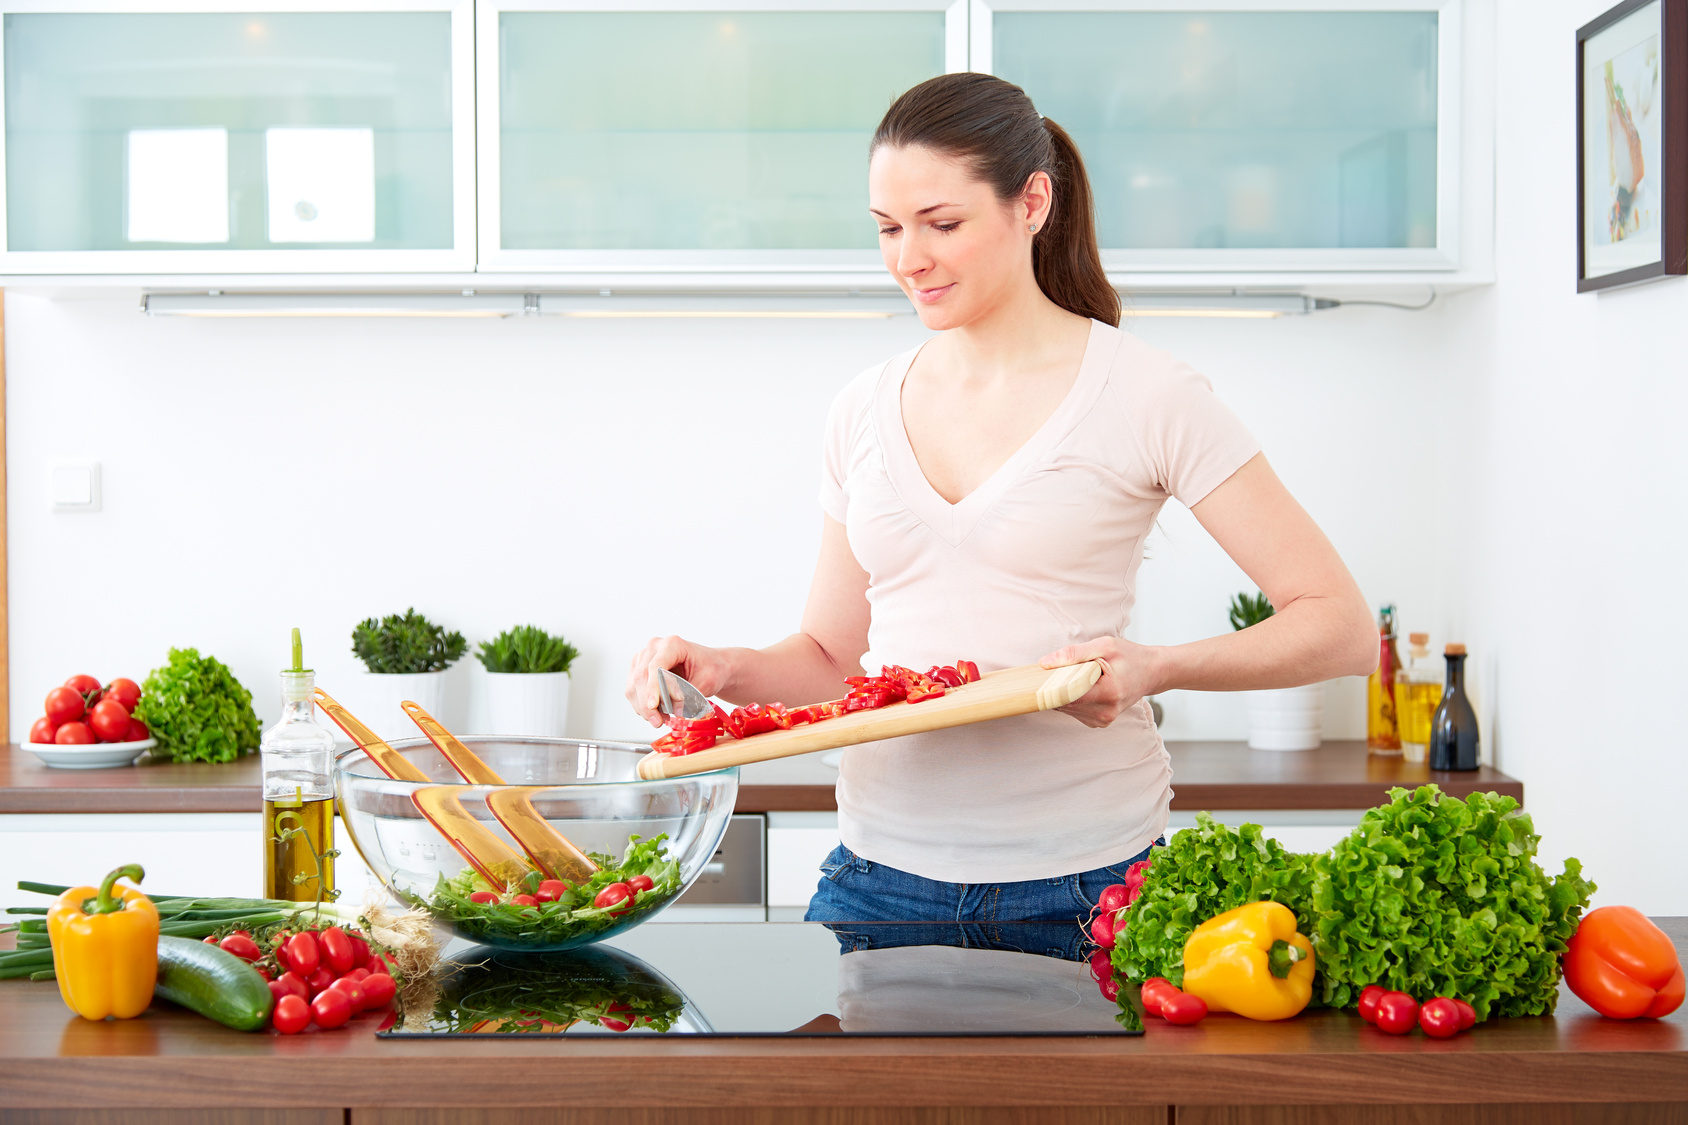 Диета М Сахаром. Питание при сахарном диабете: список разрешенных и запрещенных продуктов при повышенном сахаре в крови